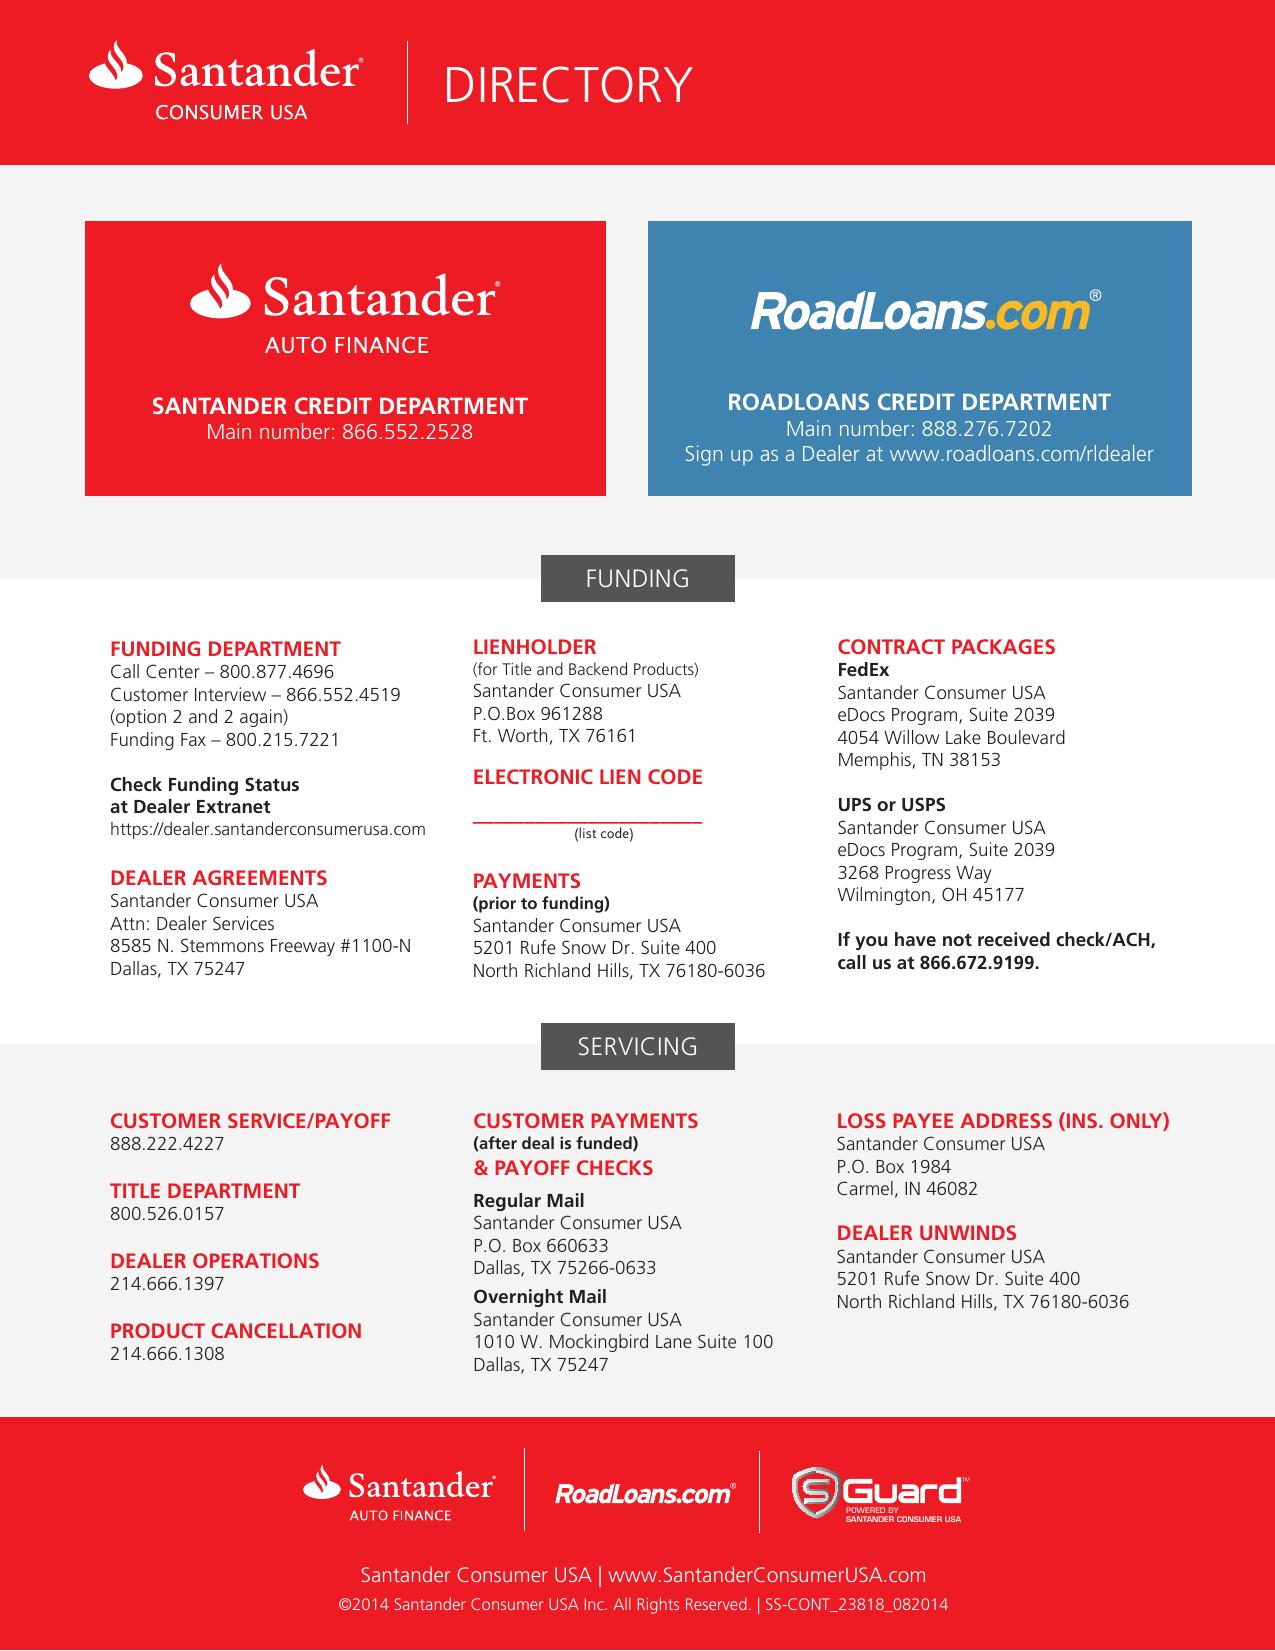 directory - Santander Consumer USA